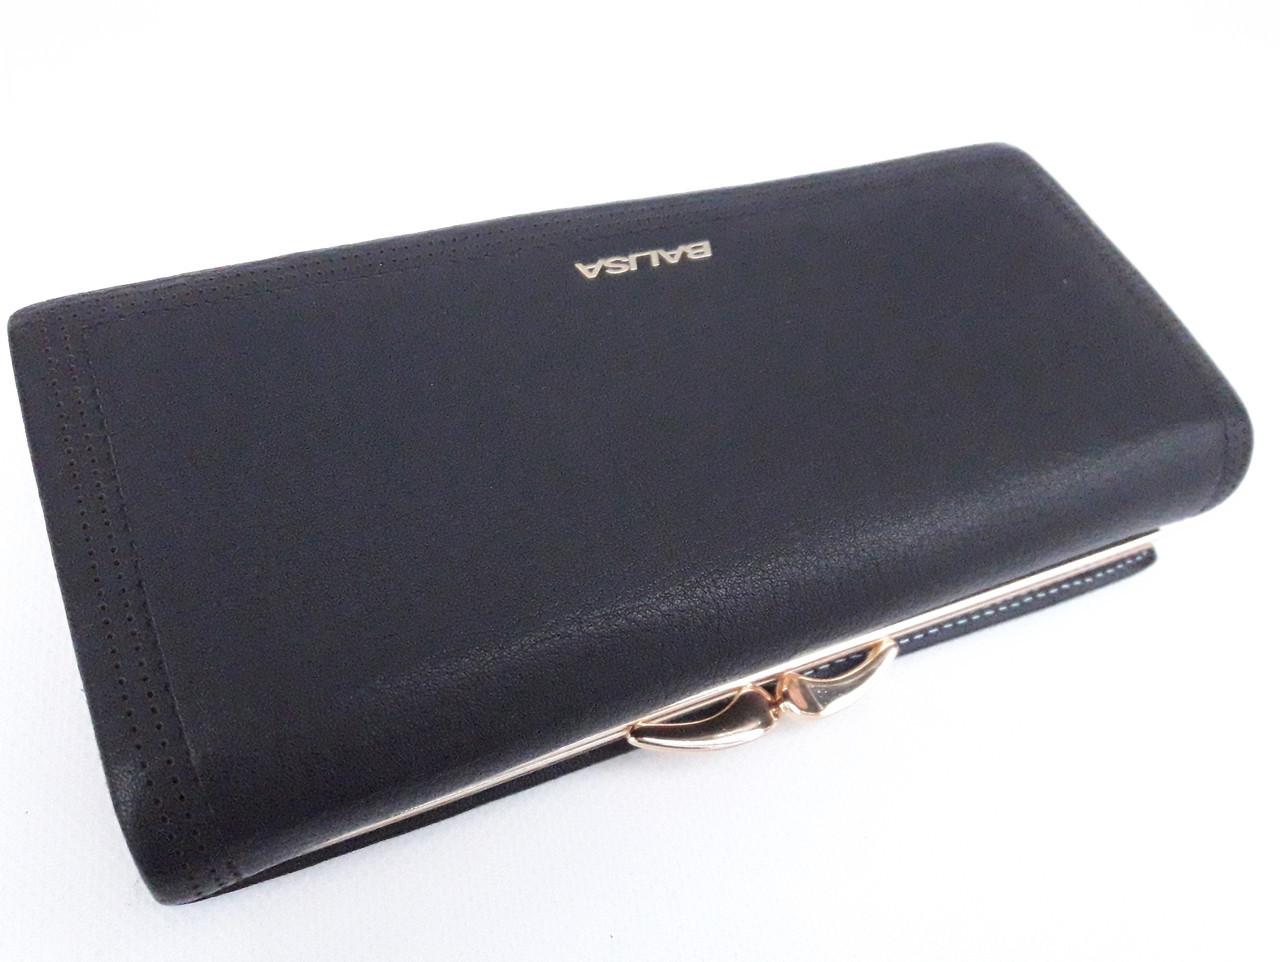 Женский кожаный кошелек Balisa PY-В119 черный Кошельки Balisa оптом с быстрой доставкой